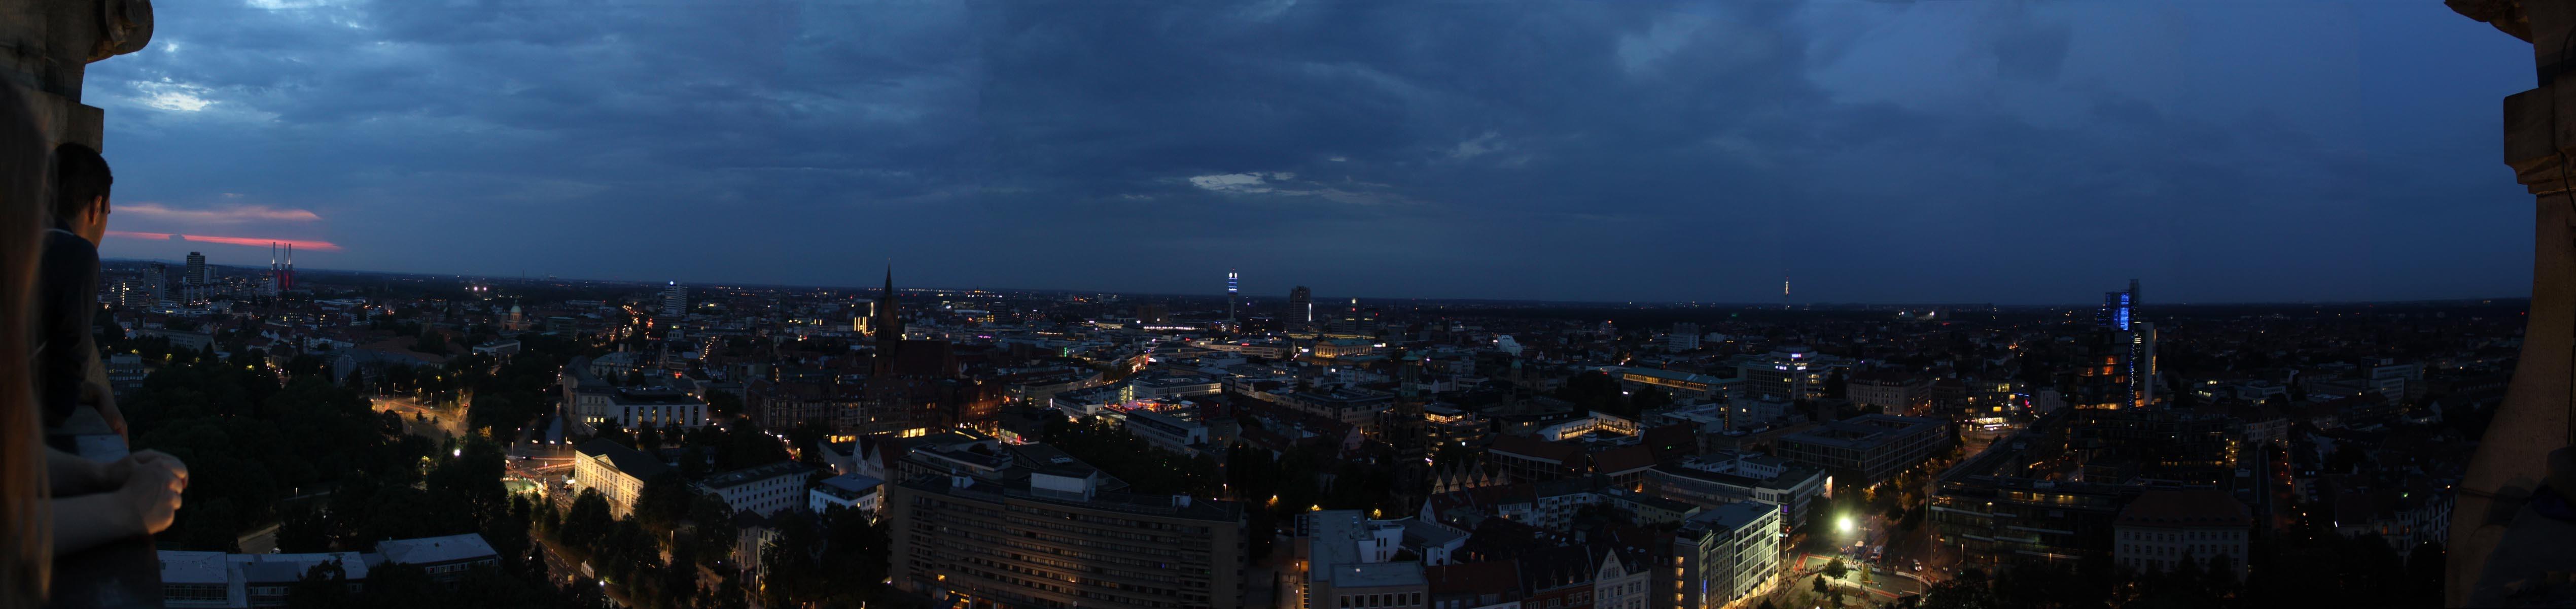 Hannover Skyline bei Nacht